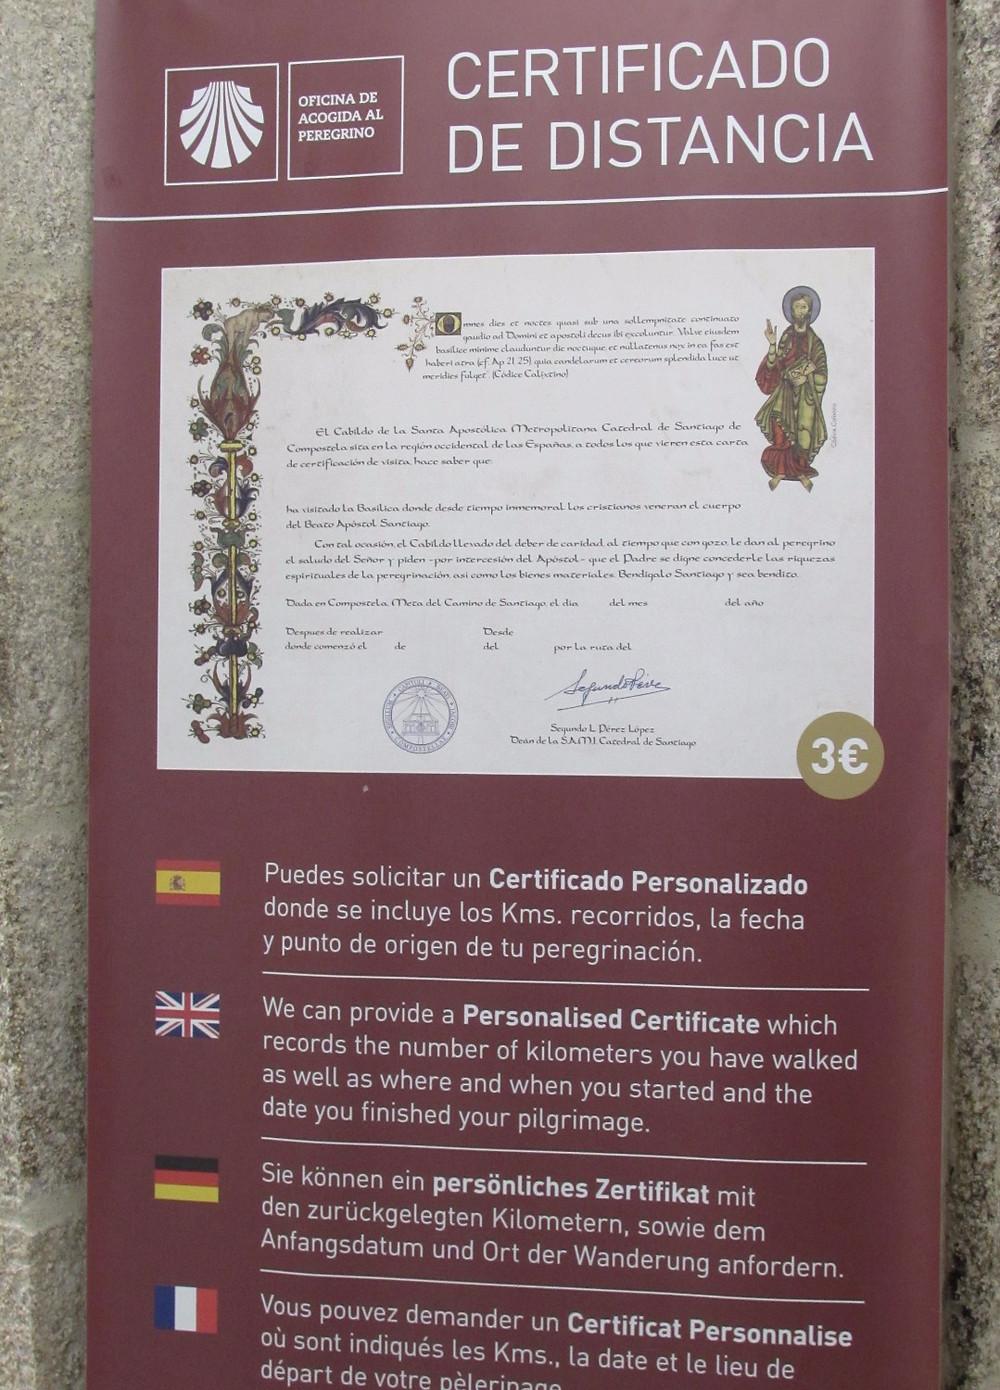 Правила выдачи сертификата дистанции